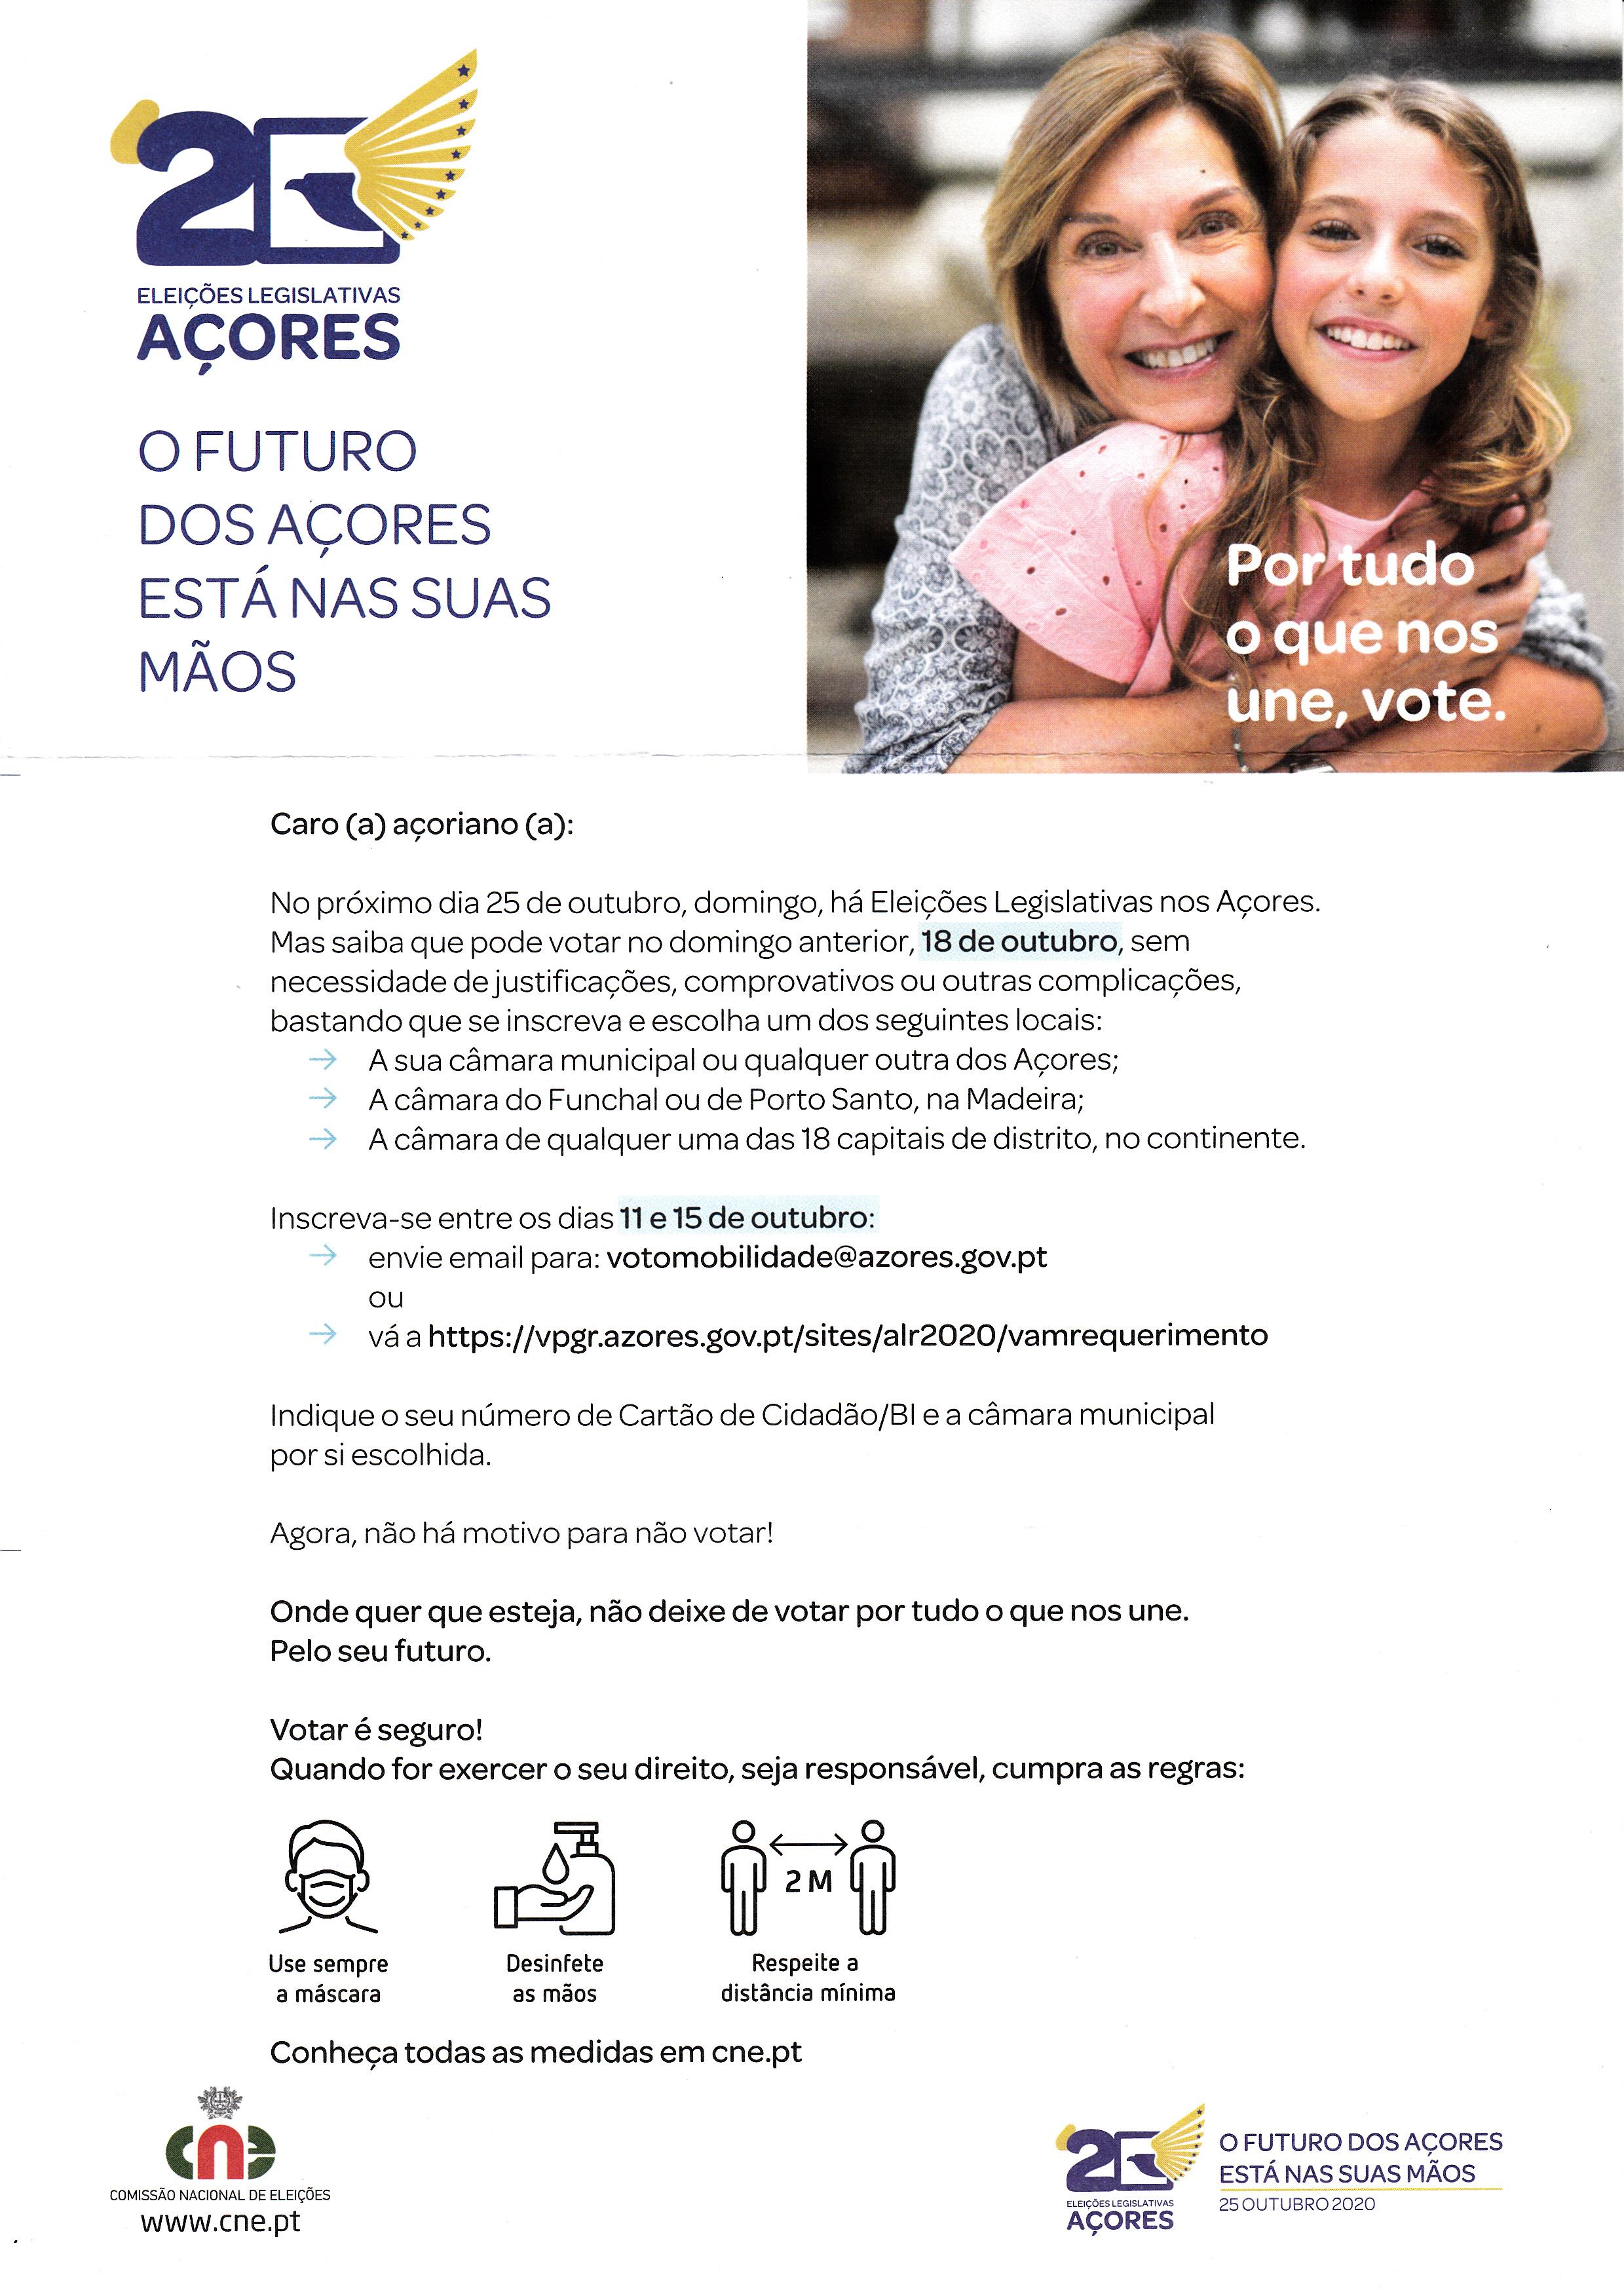 ACORES_2020_acores_0003